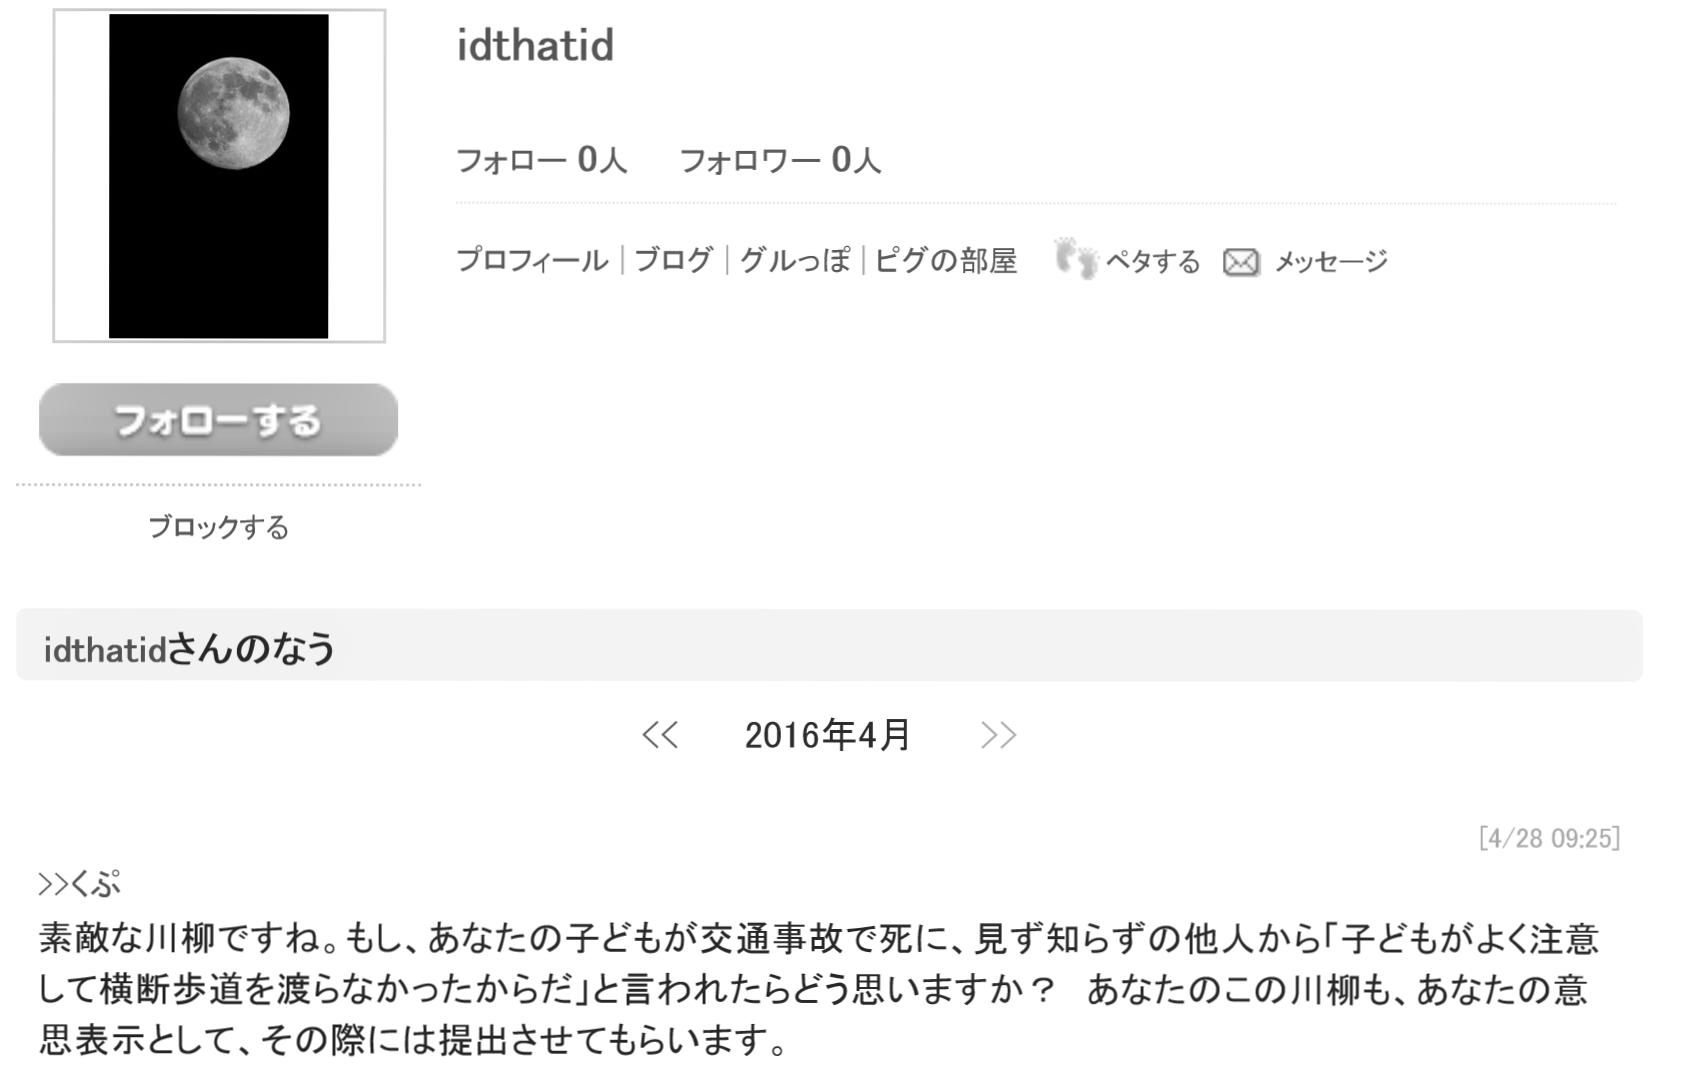 idthatid